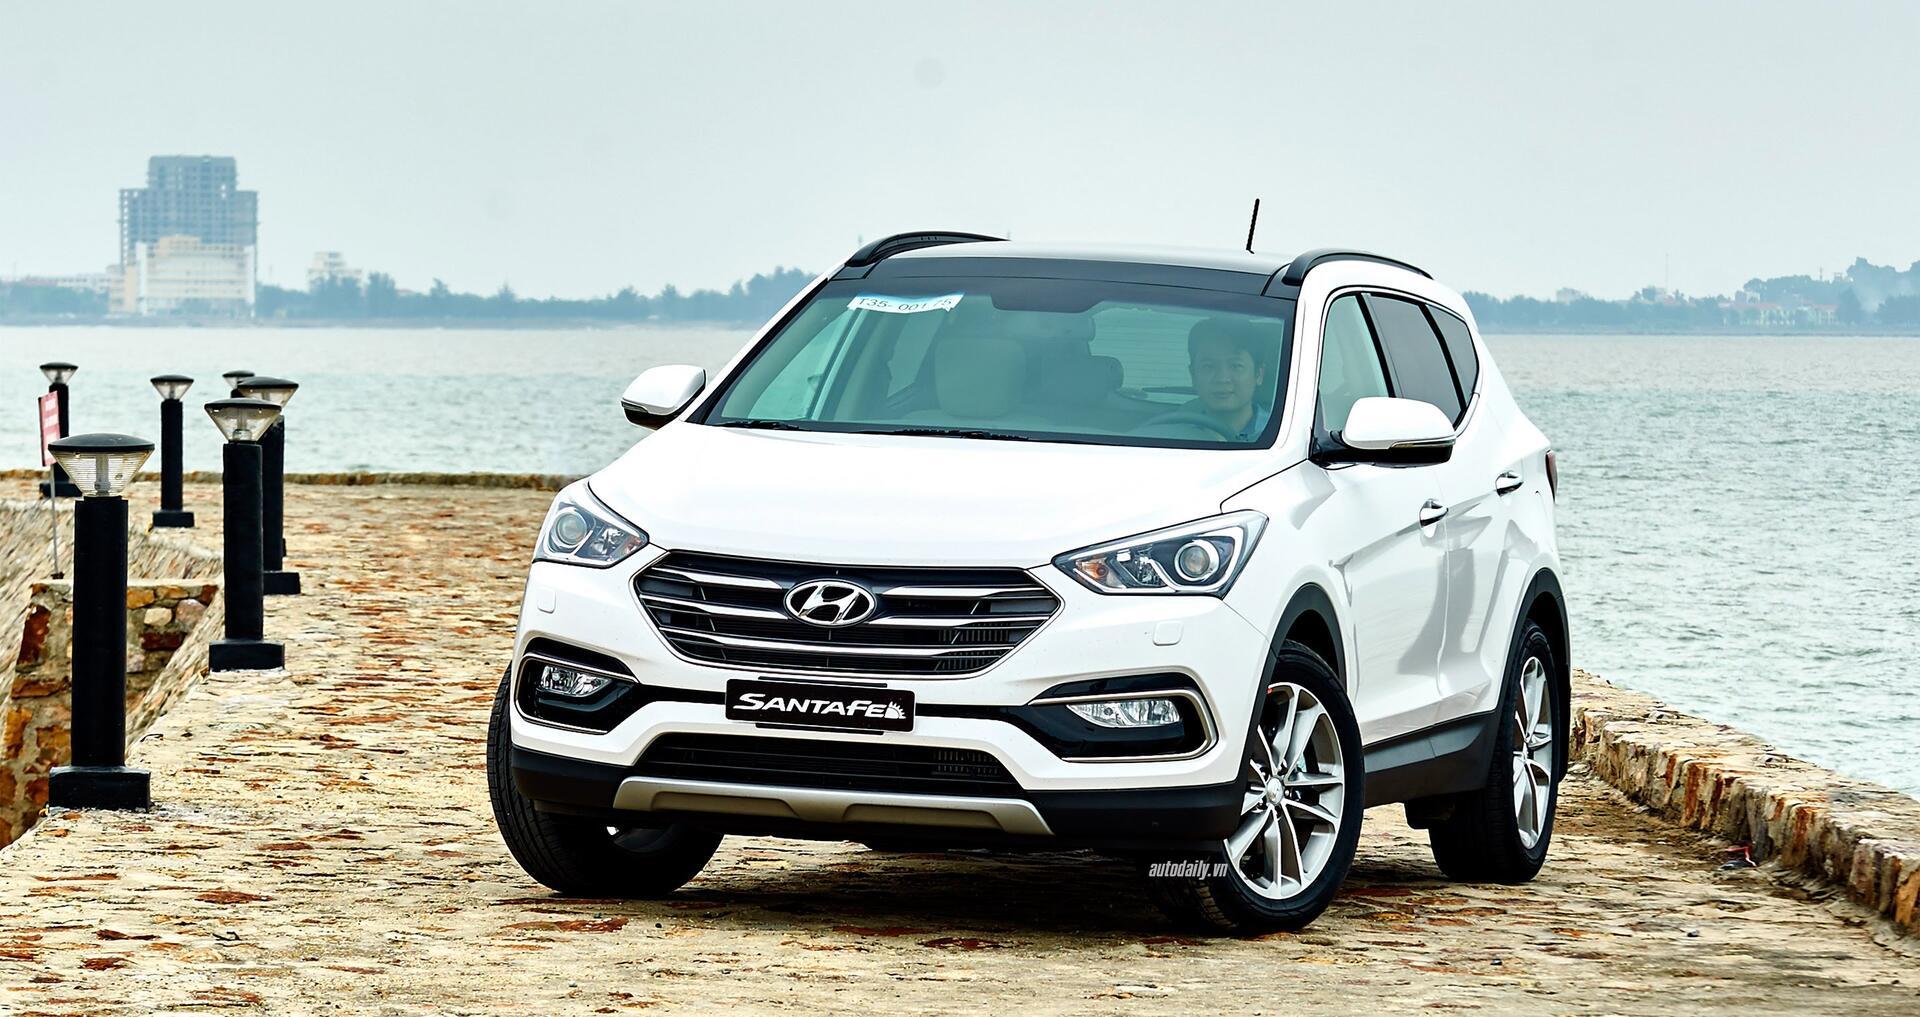 Đánh giá ban đầu về Hyundai SantaFe 2016 phiên bản máy dầu - Hình 1